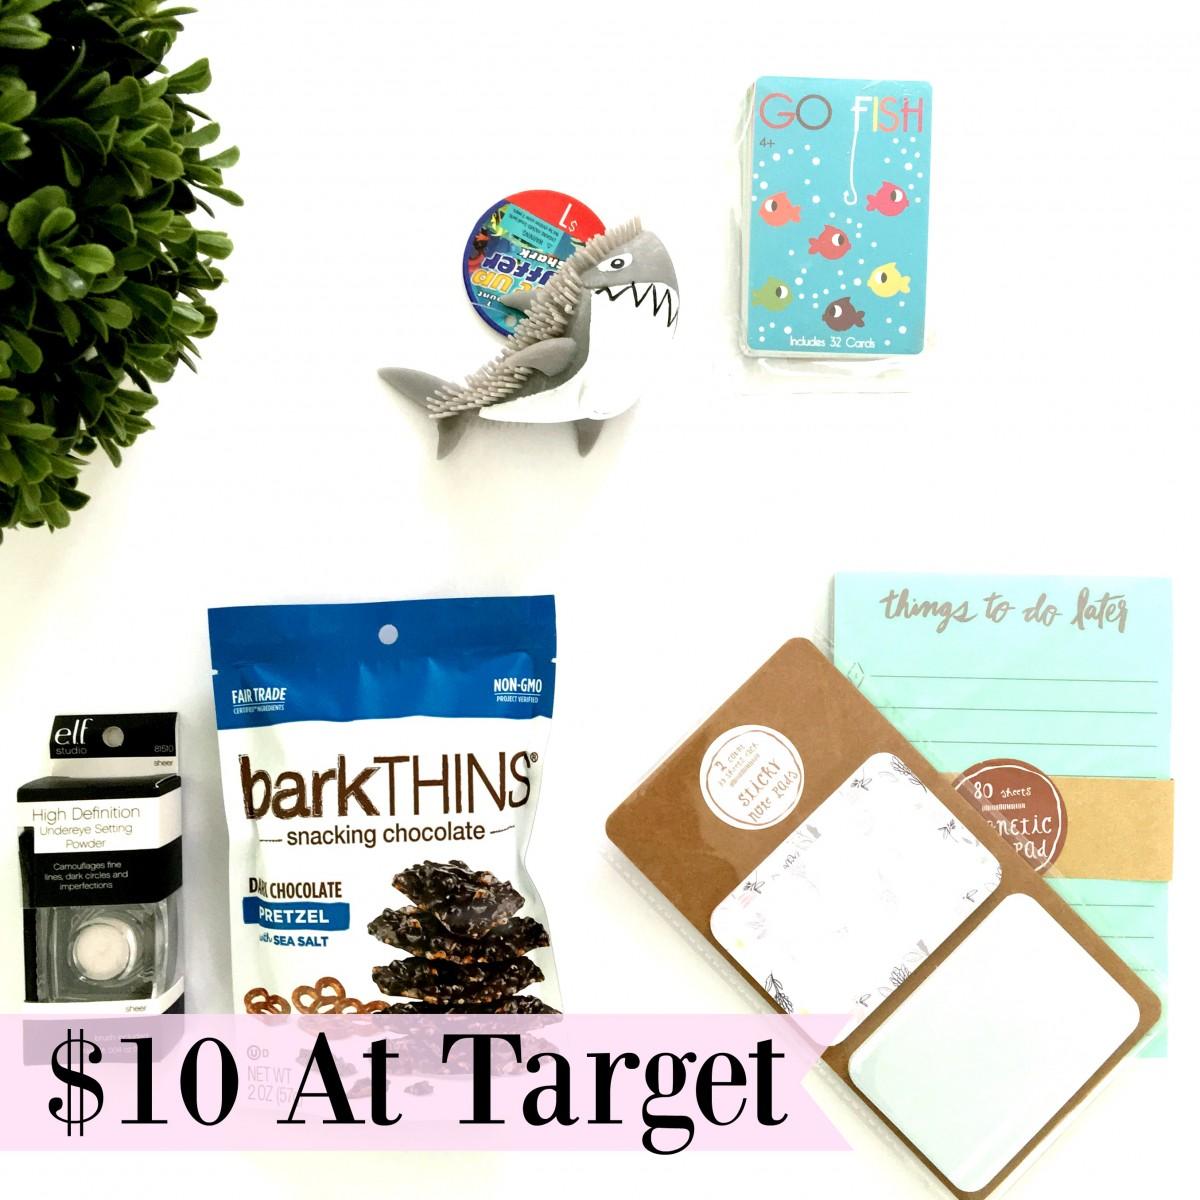 $10 Haul at Target